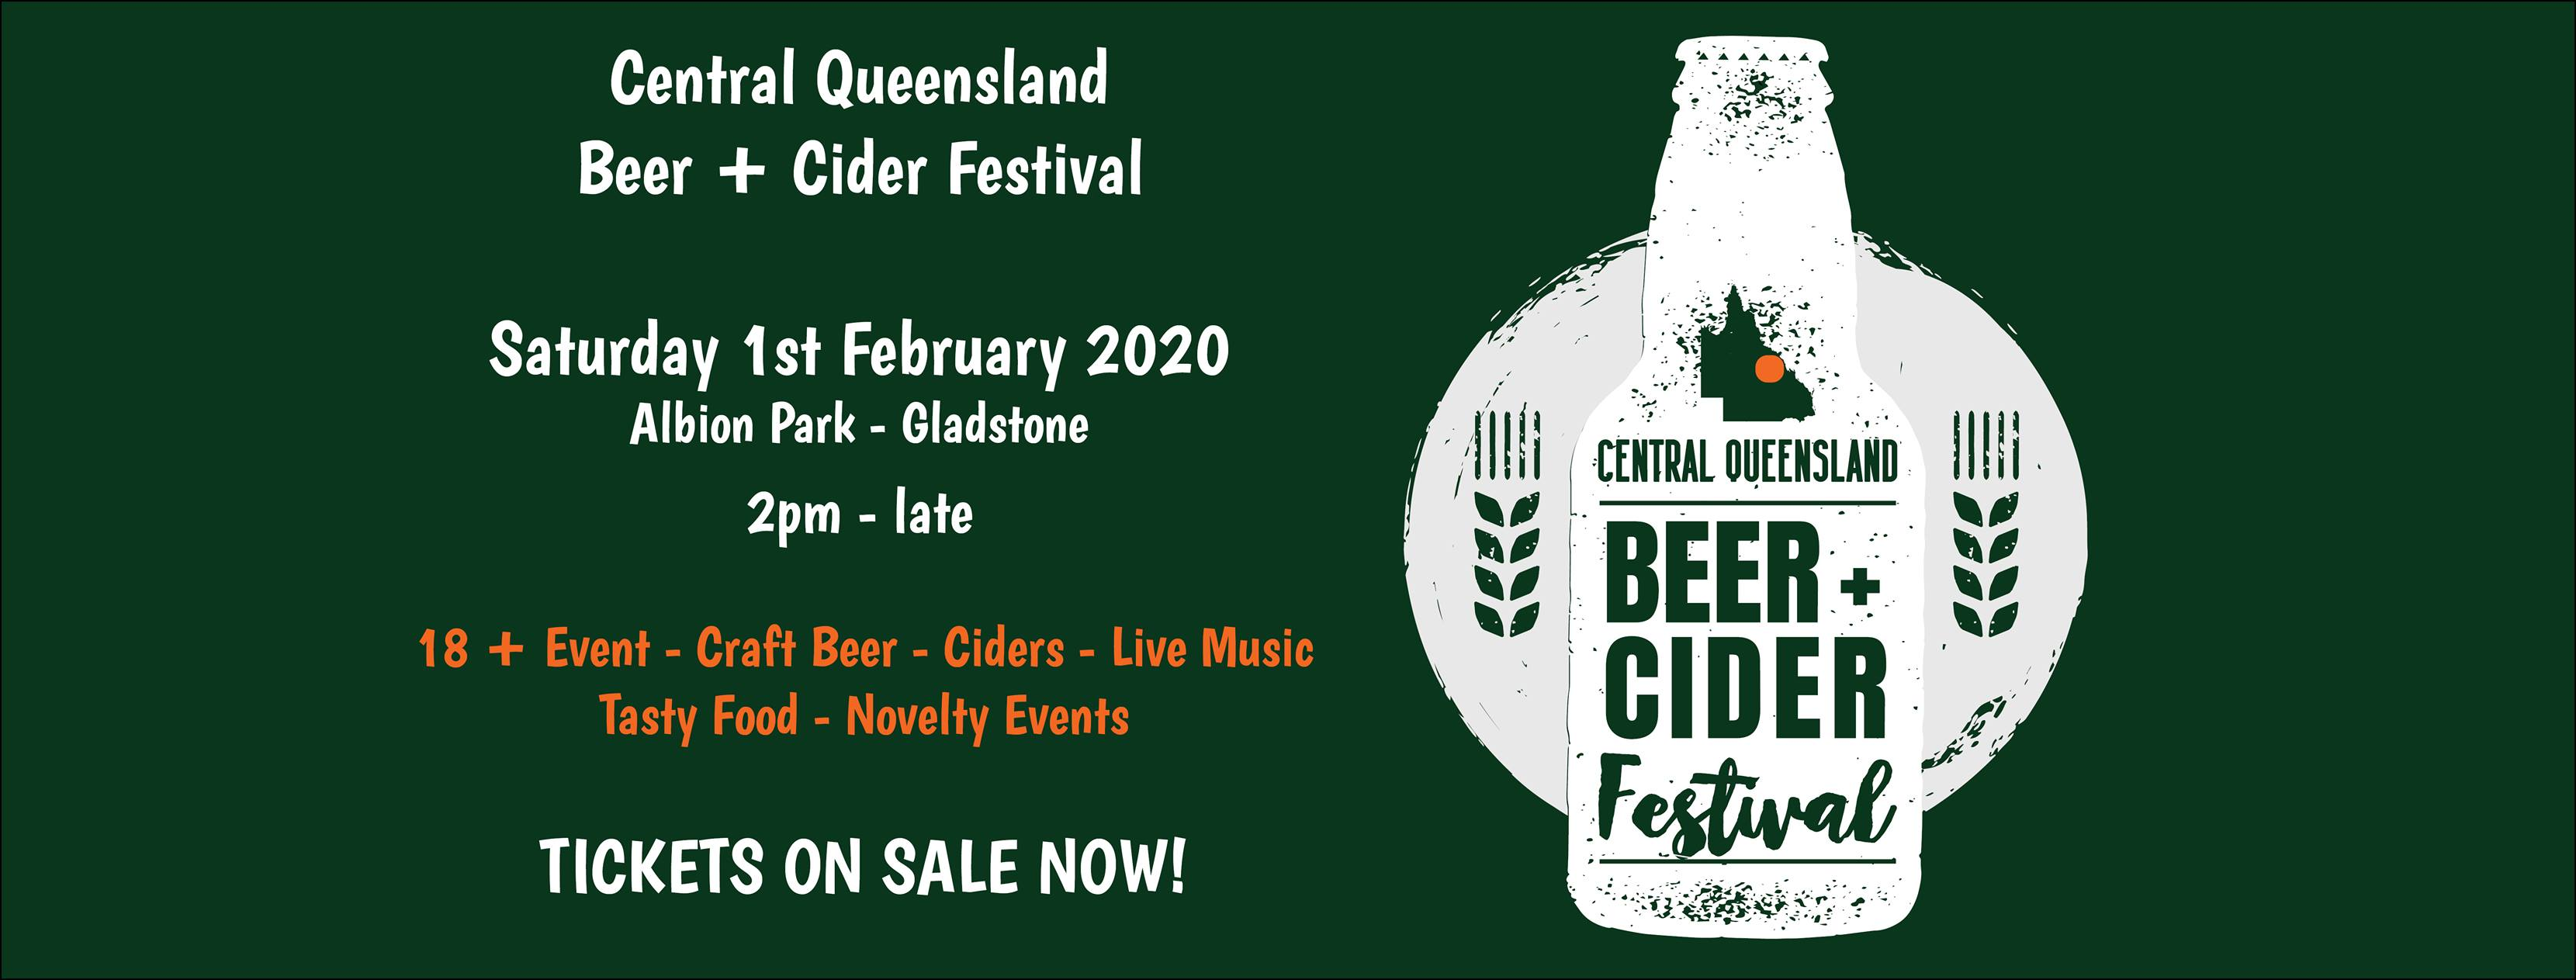 CQ Beer & Cider Festival 2020